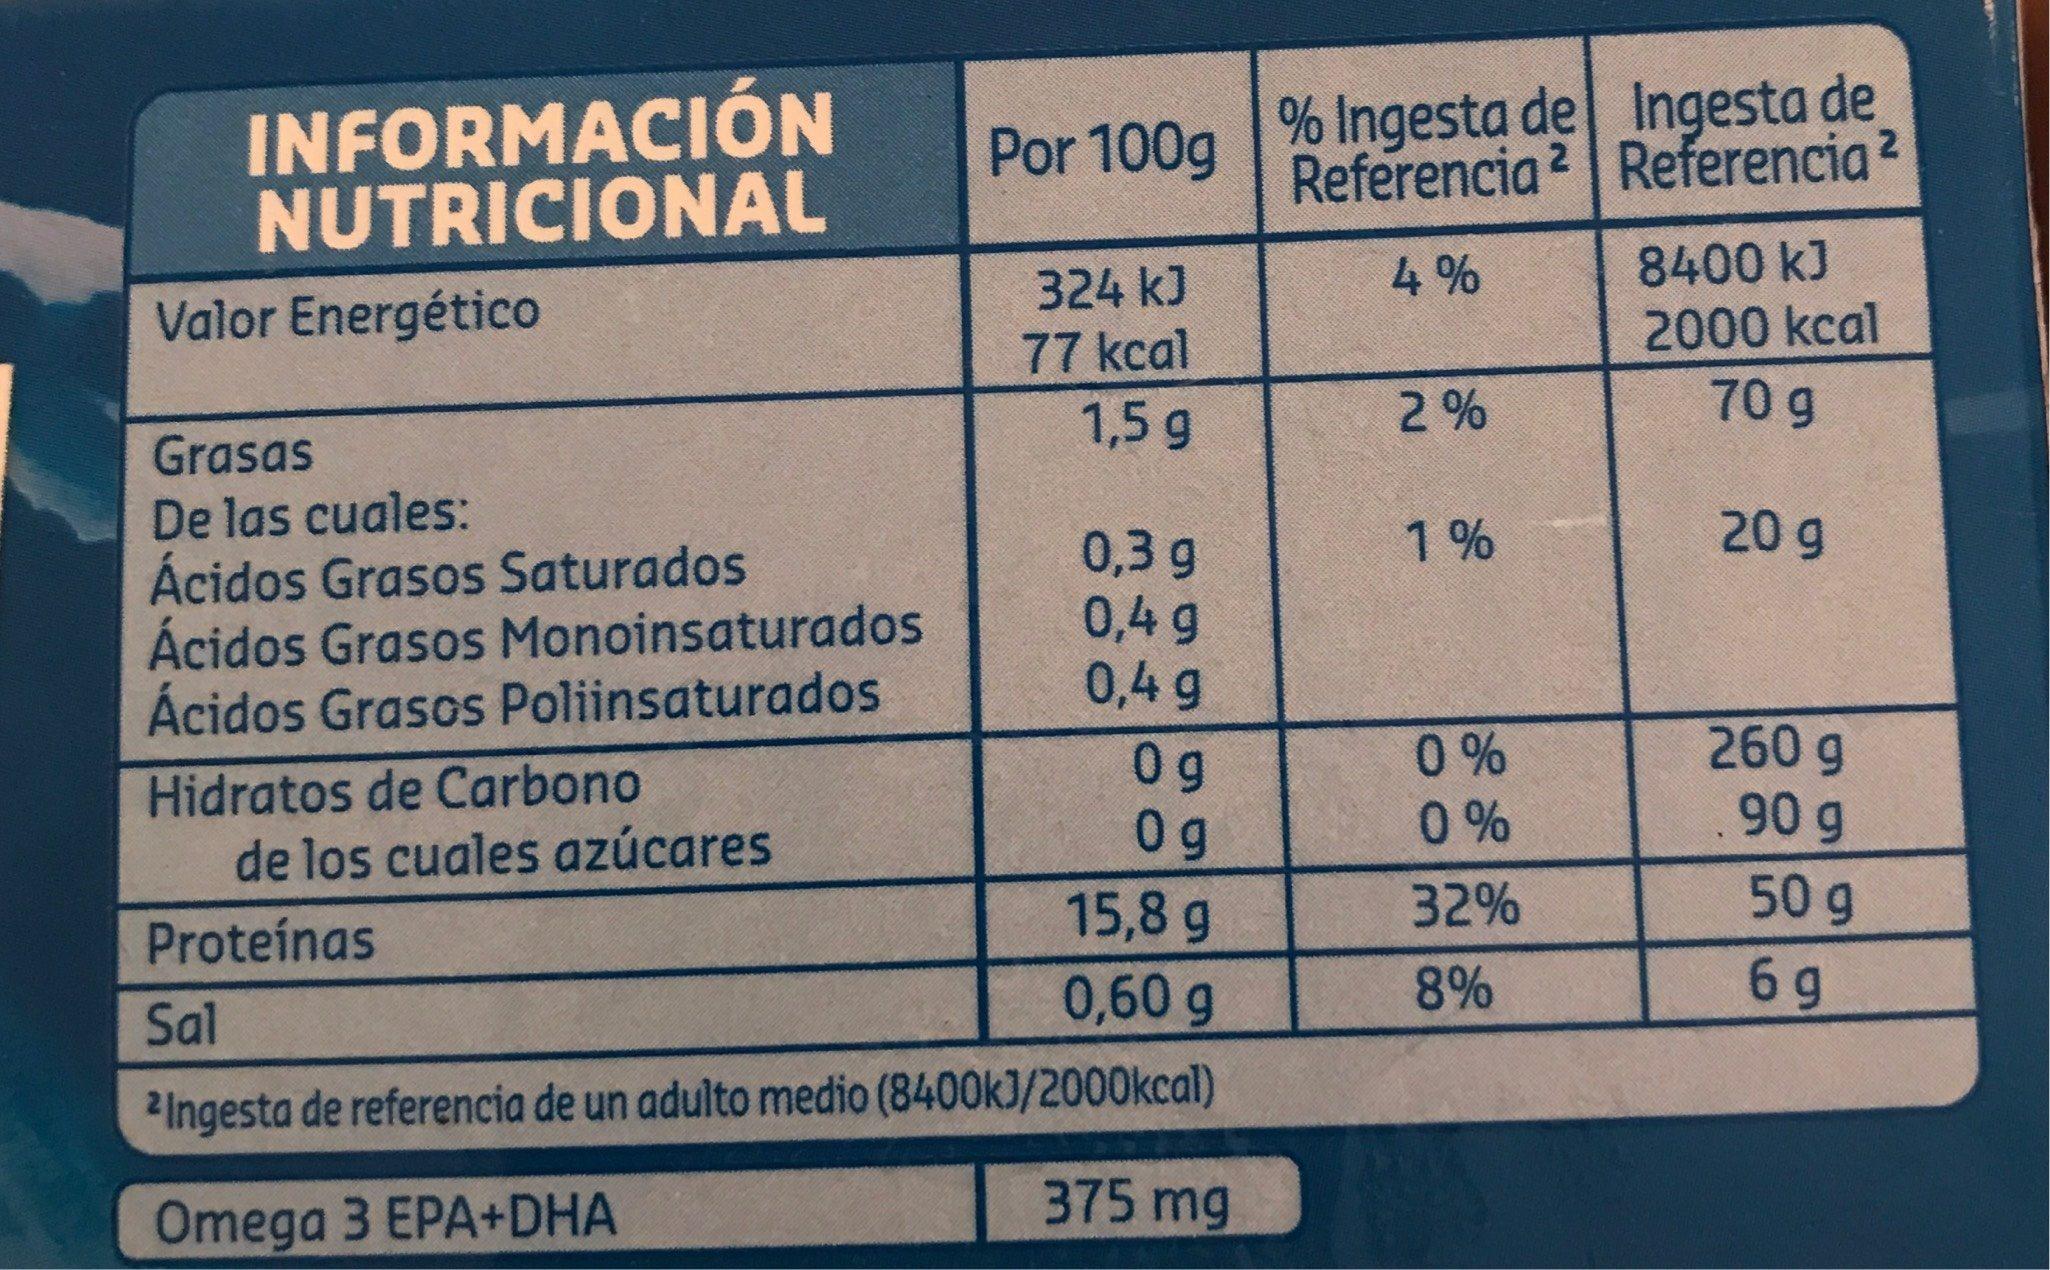 Corazones de filete de merluza - Informació nutricional - fr